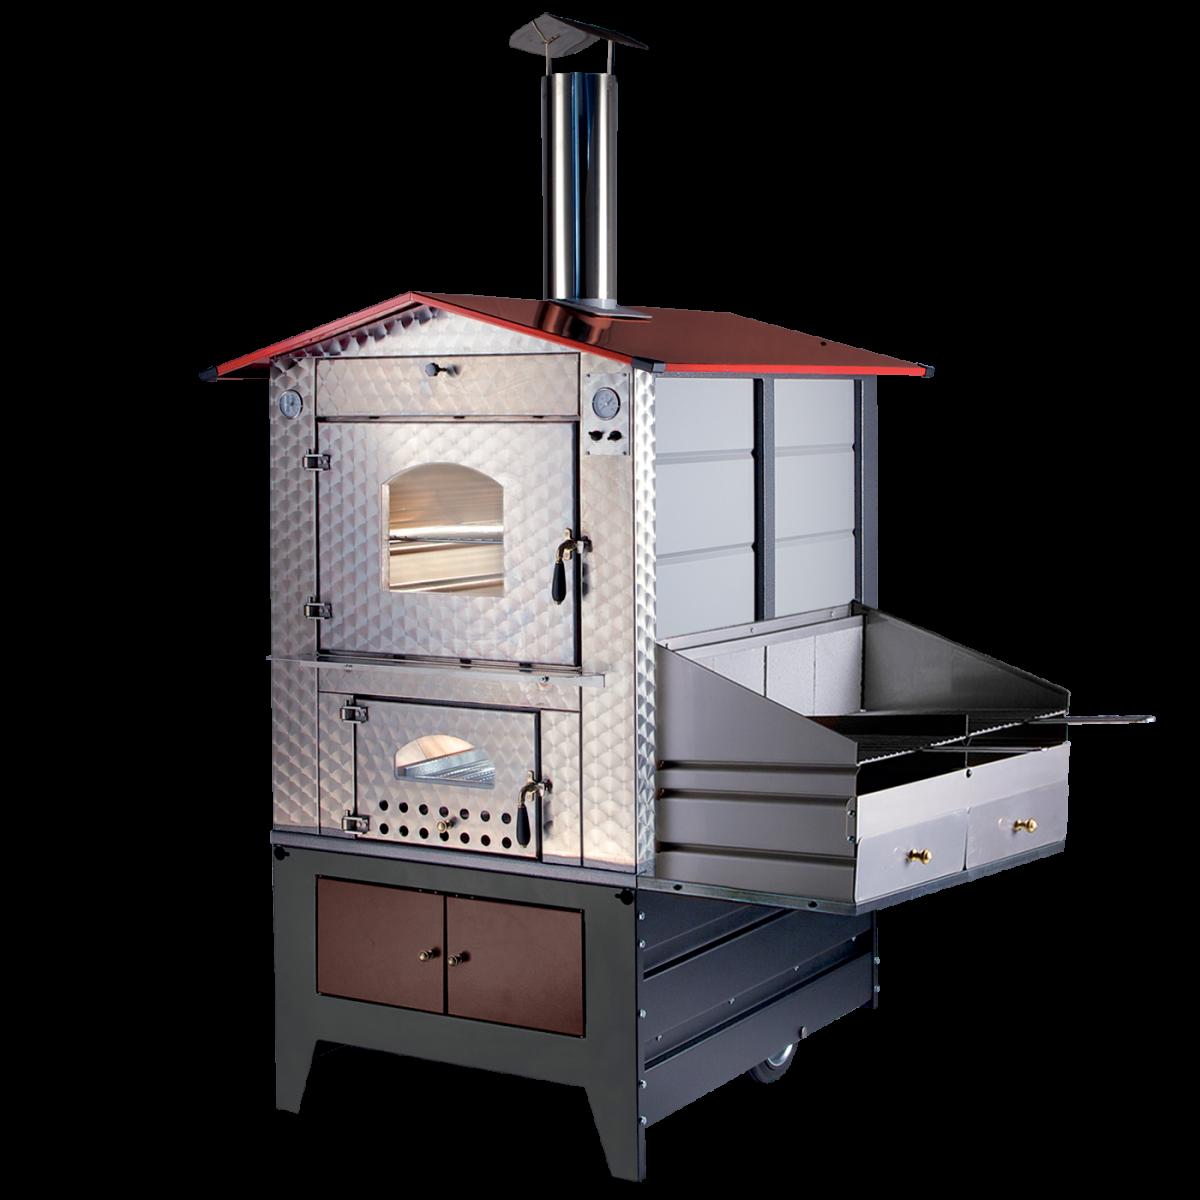 Forno a legna da esterno g100 barbecue gemignani macchine enologiche macchina enologica - Migliore marca forno da incasso ...